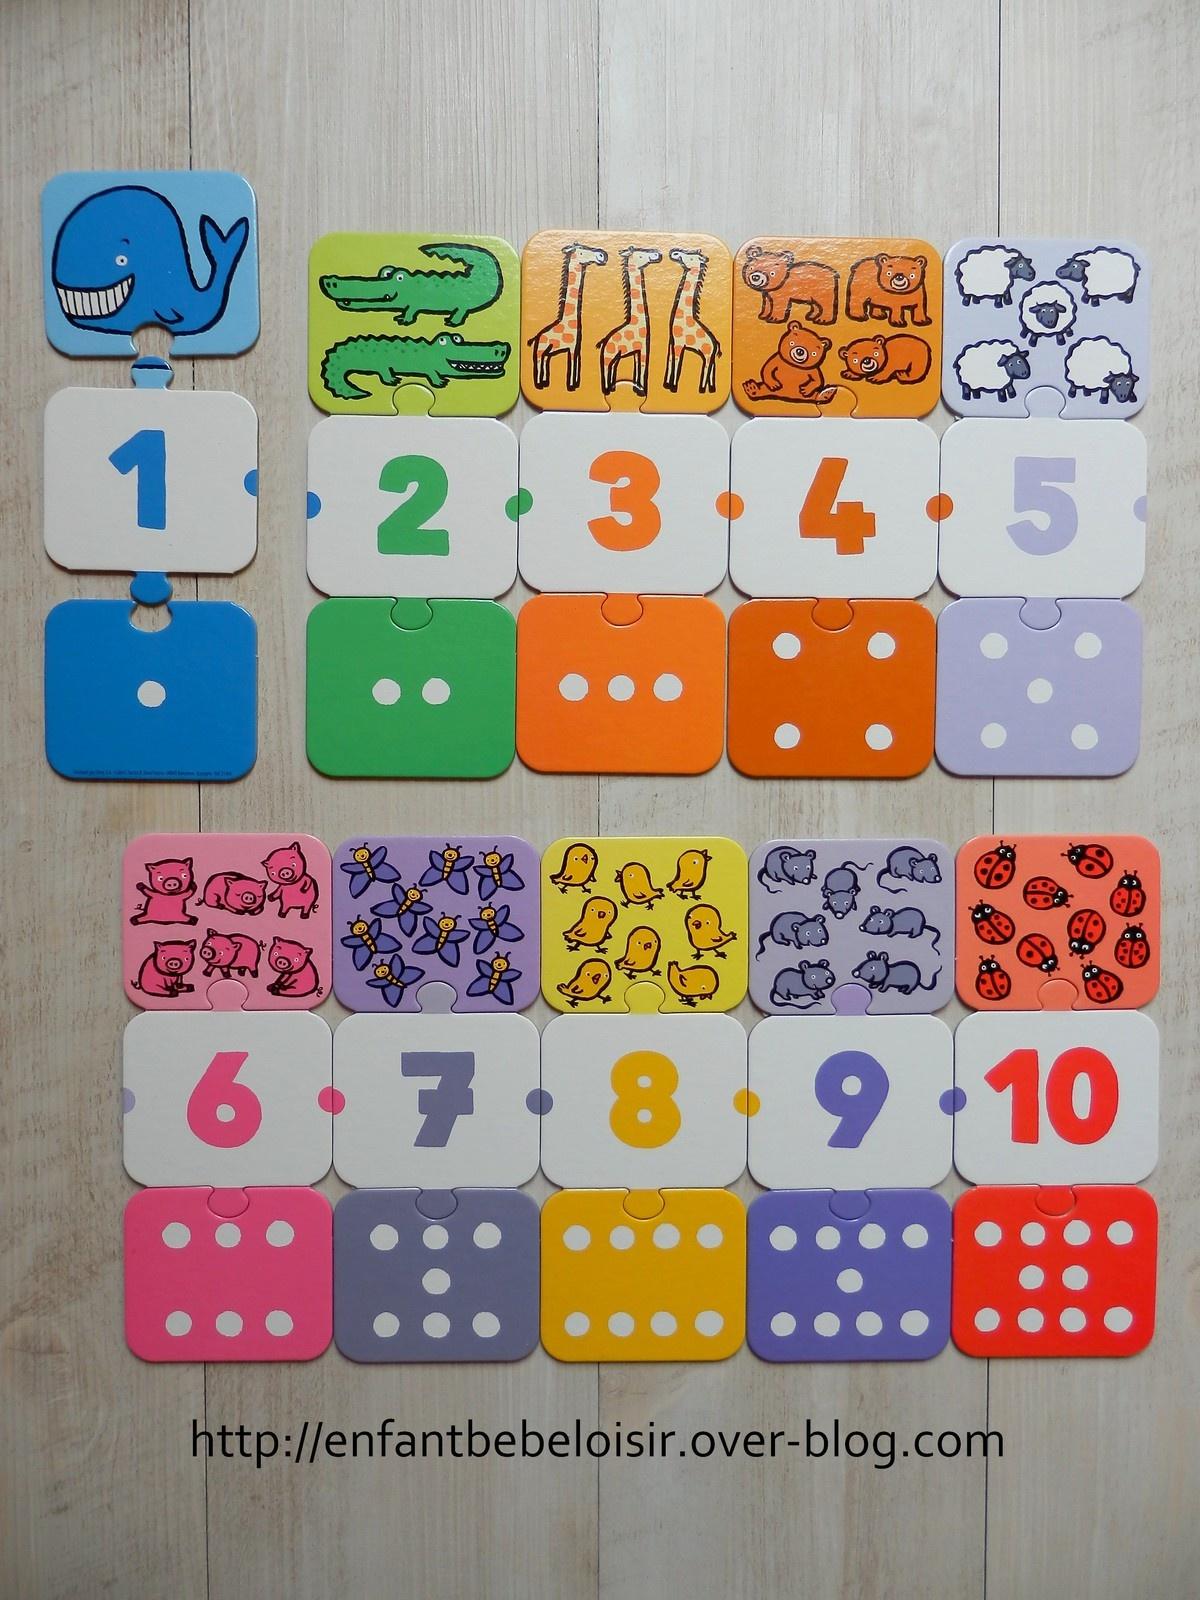 jeux pour apprendre les chiffres